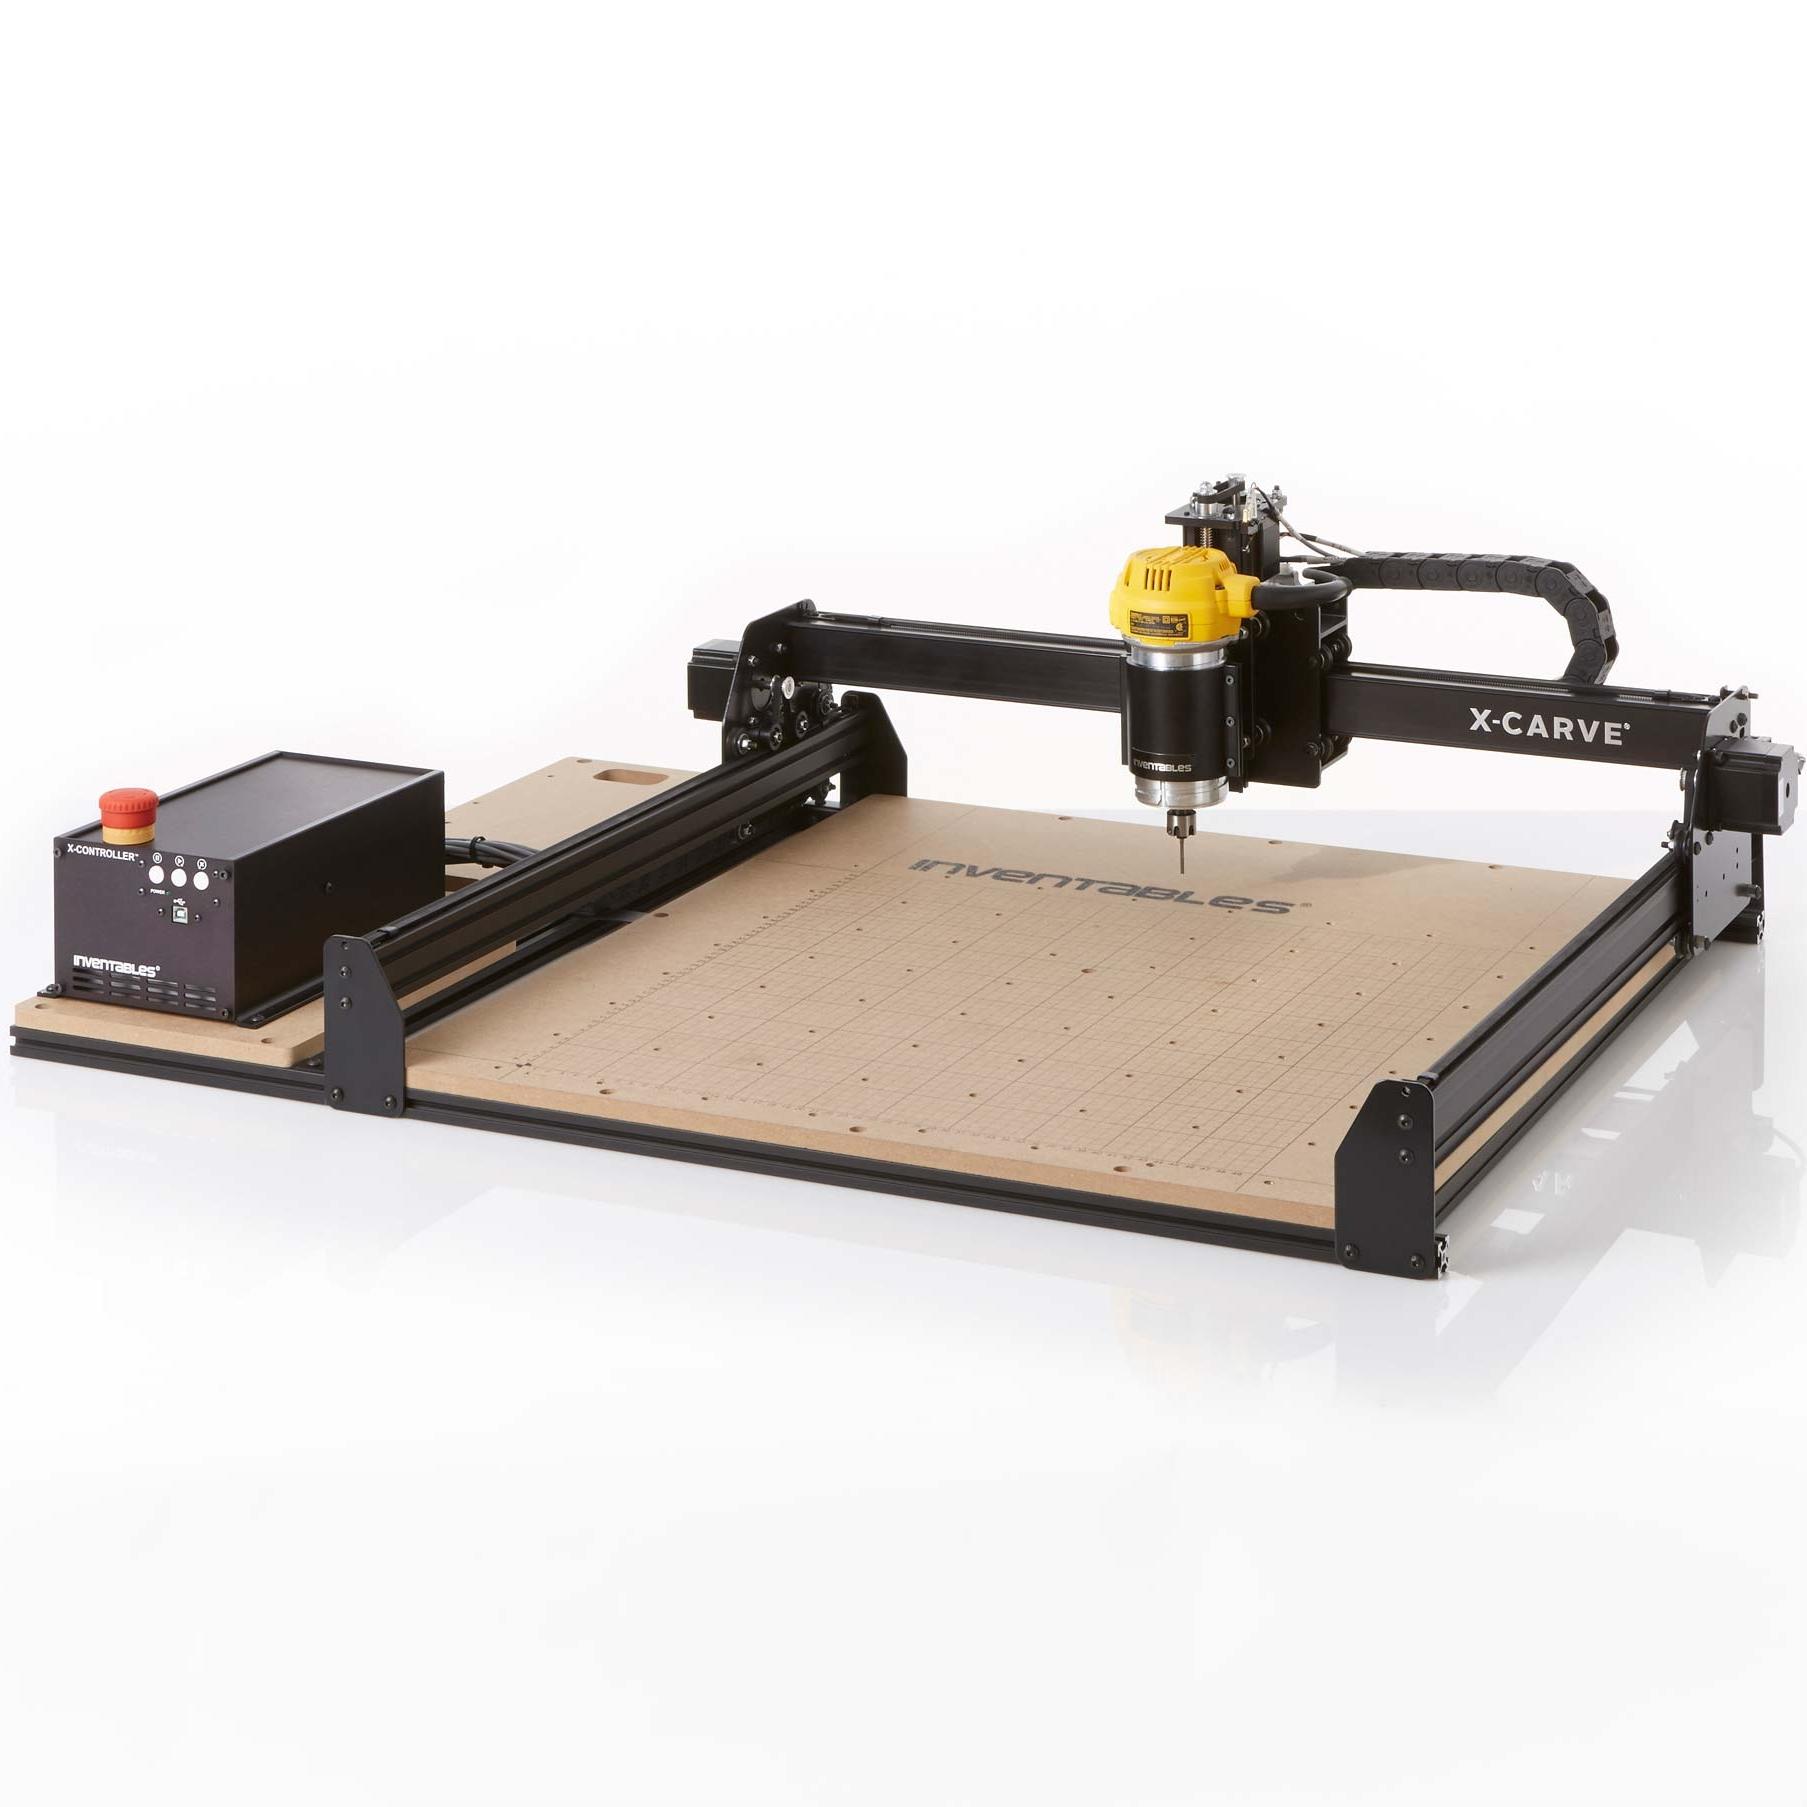 Inventables X-Carve Frame  or any CNC Frame + Stepper Motors